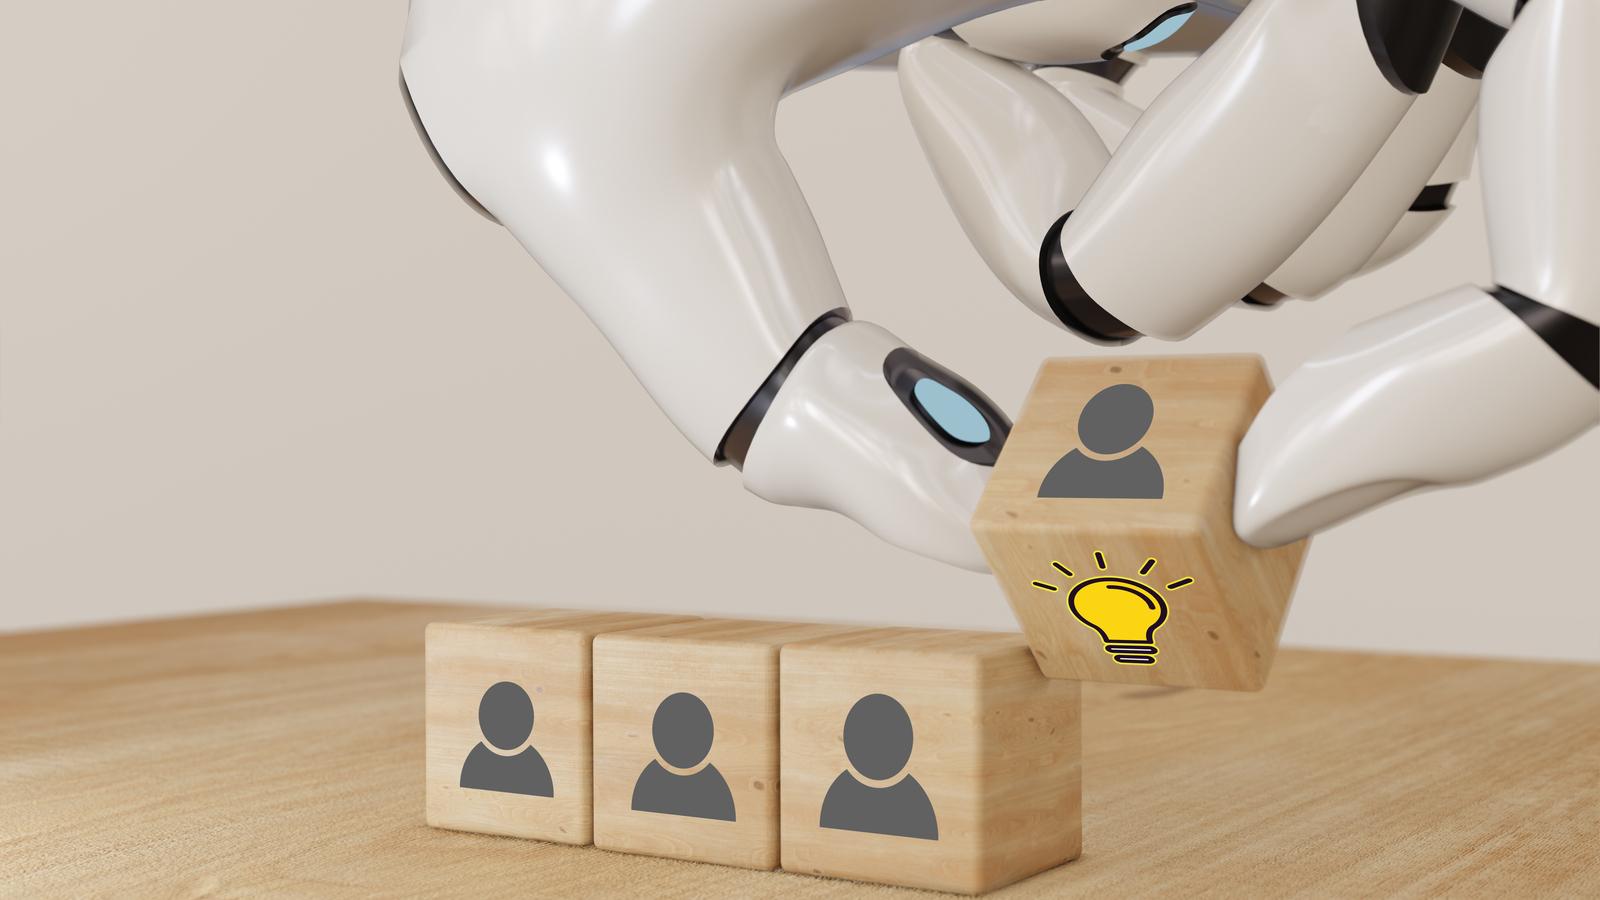 L'AI per il recruiting cambia la gestione delle risorse umane: cosa devi sapere